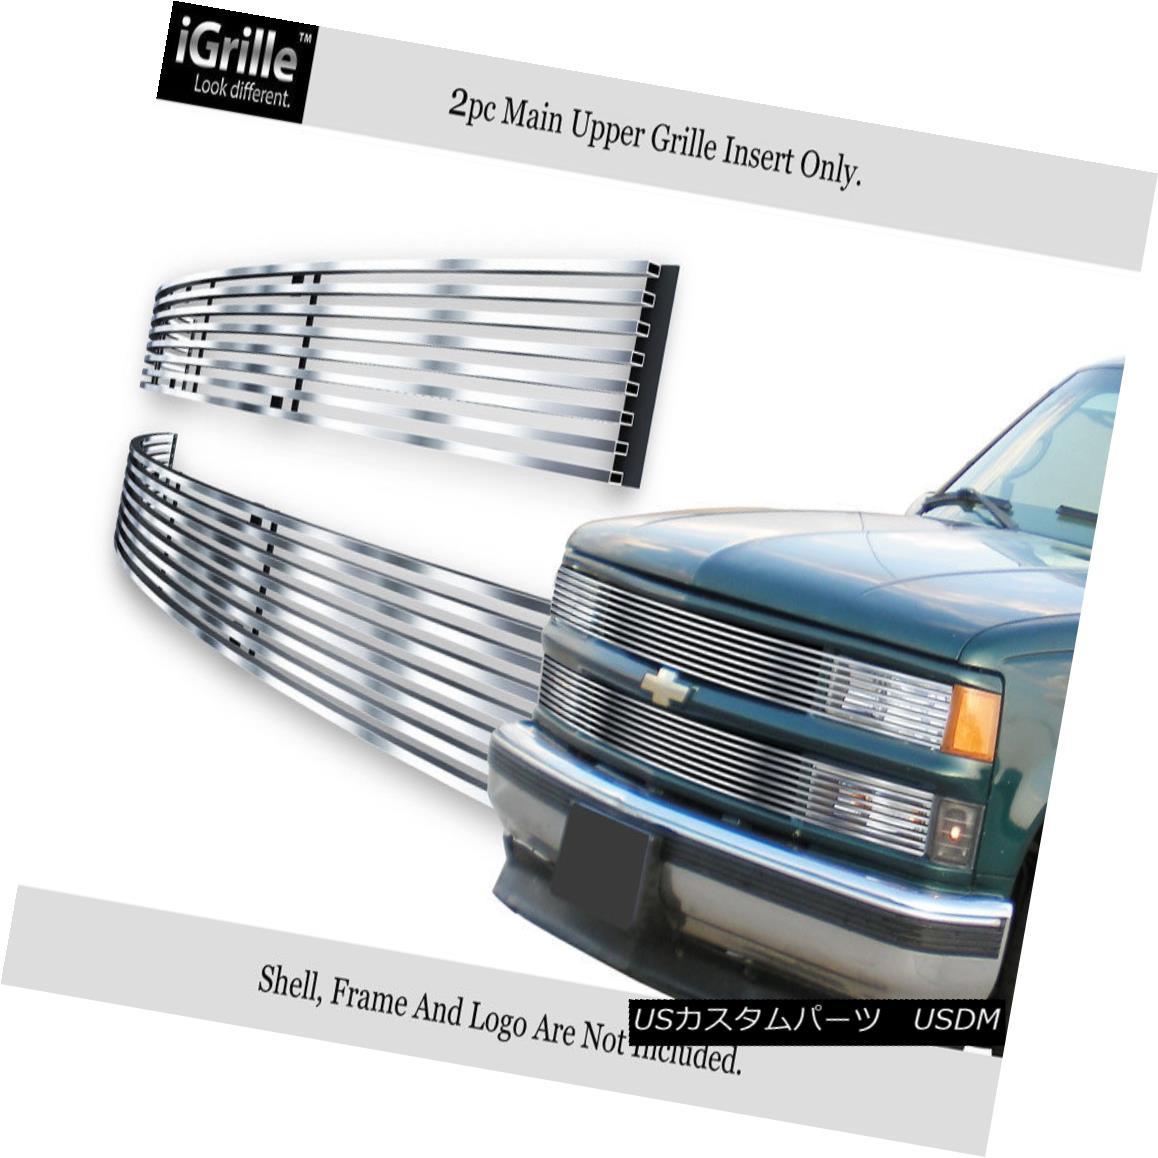 グリル Fits 1994-1999 C/K Pickup/Suburban/Blazer/Tahoe Phantom Stainless Billet Grille フィット1994-1999 C / Kピックアップ/サバーバ n /ブレイザー/タホファントムステンレスビレットグリル